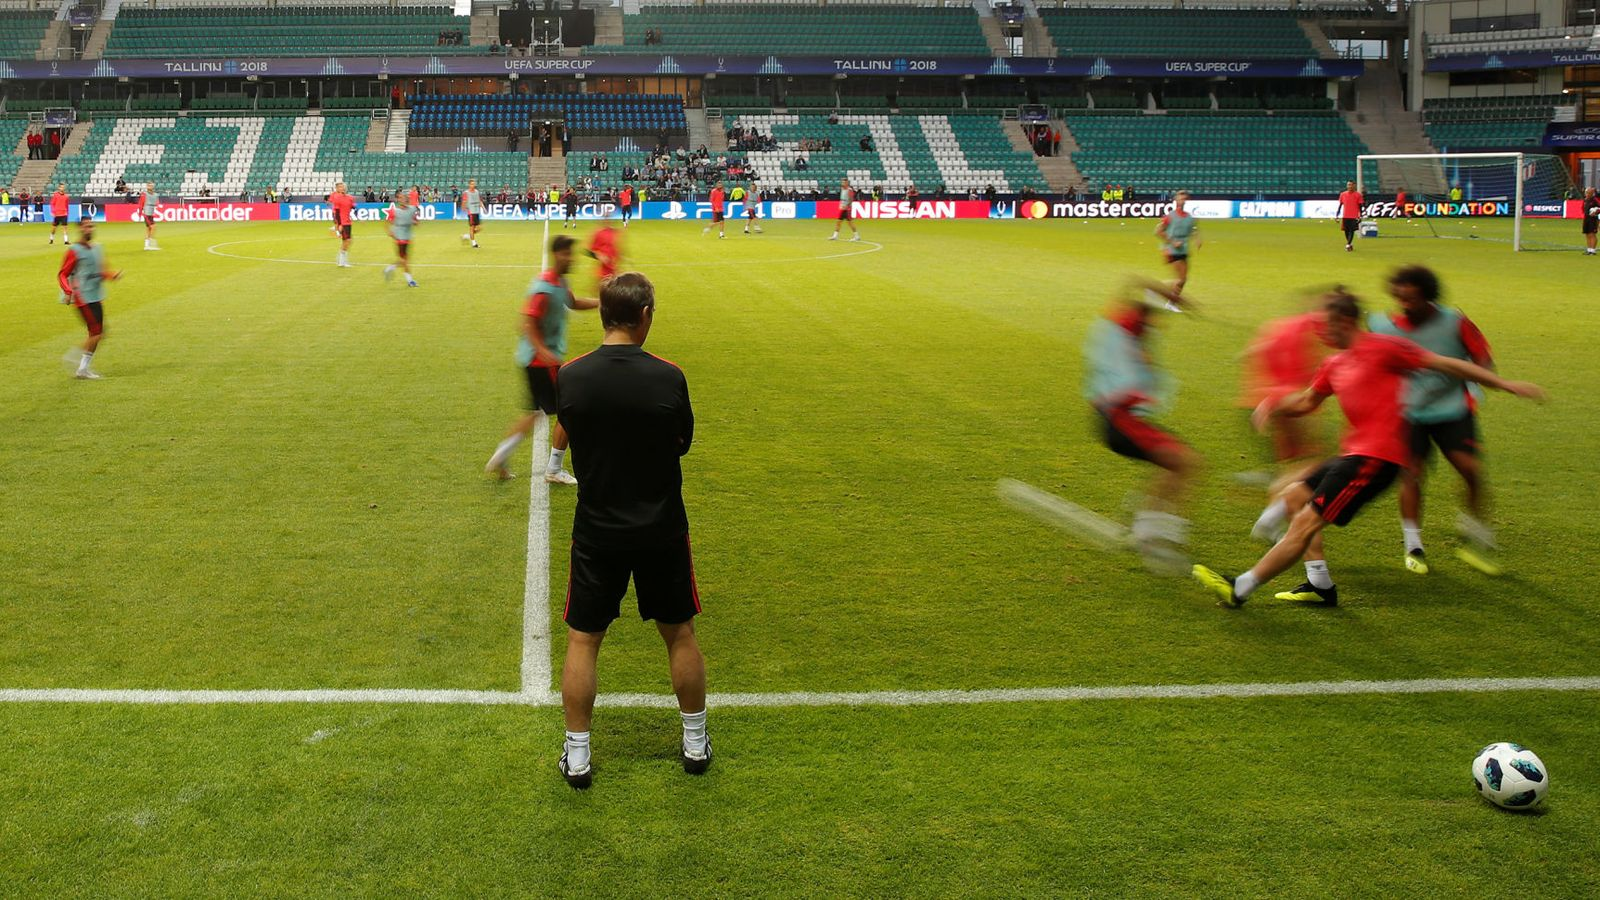 Foto: El pequeño estadio de Tallin que acogerá la Supercopa de Europa. (Reuters)